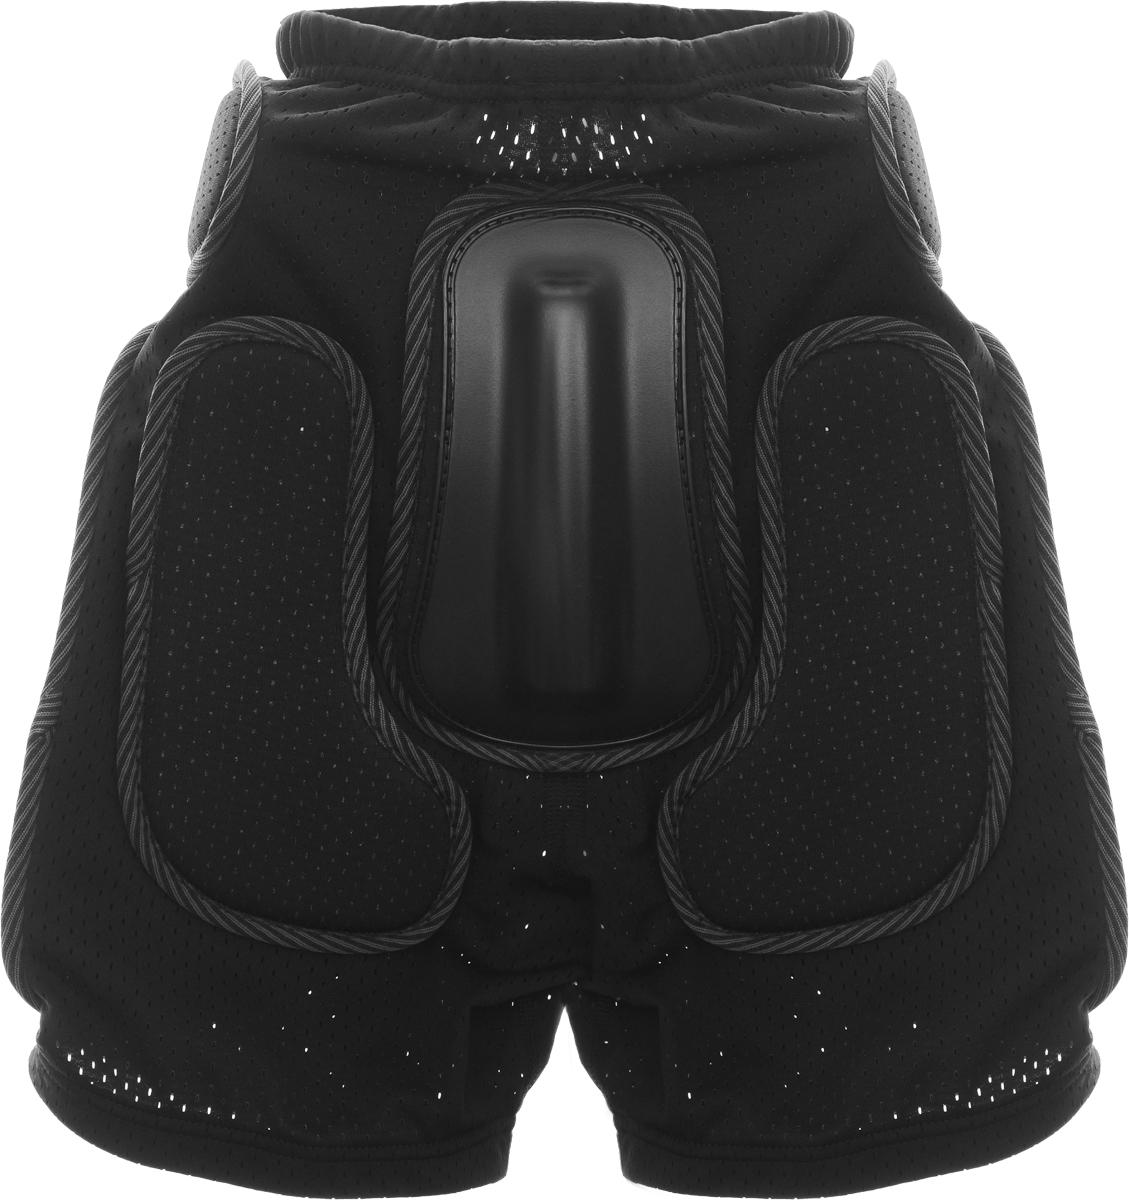 Шорты защитные Biont  Комфорт , цвет: черный, размер 2XS - Защита